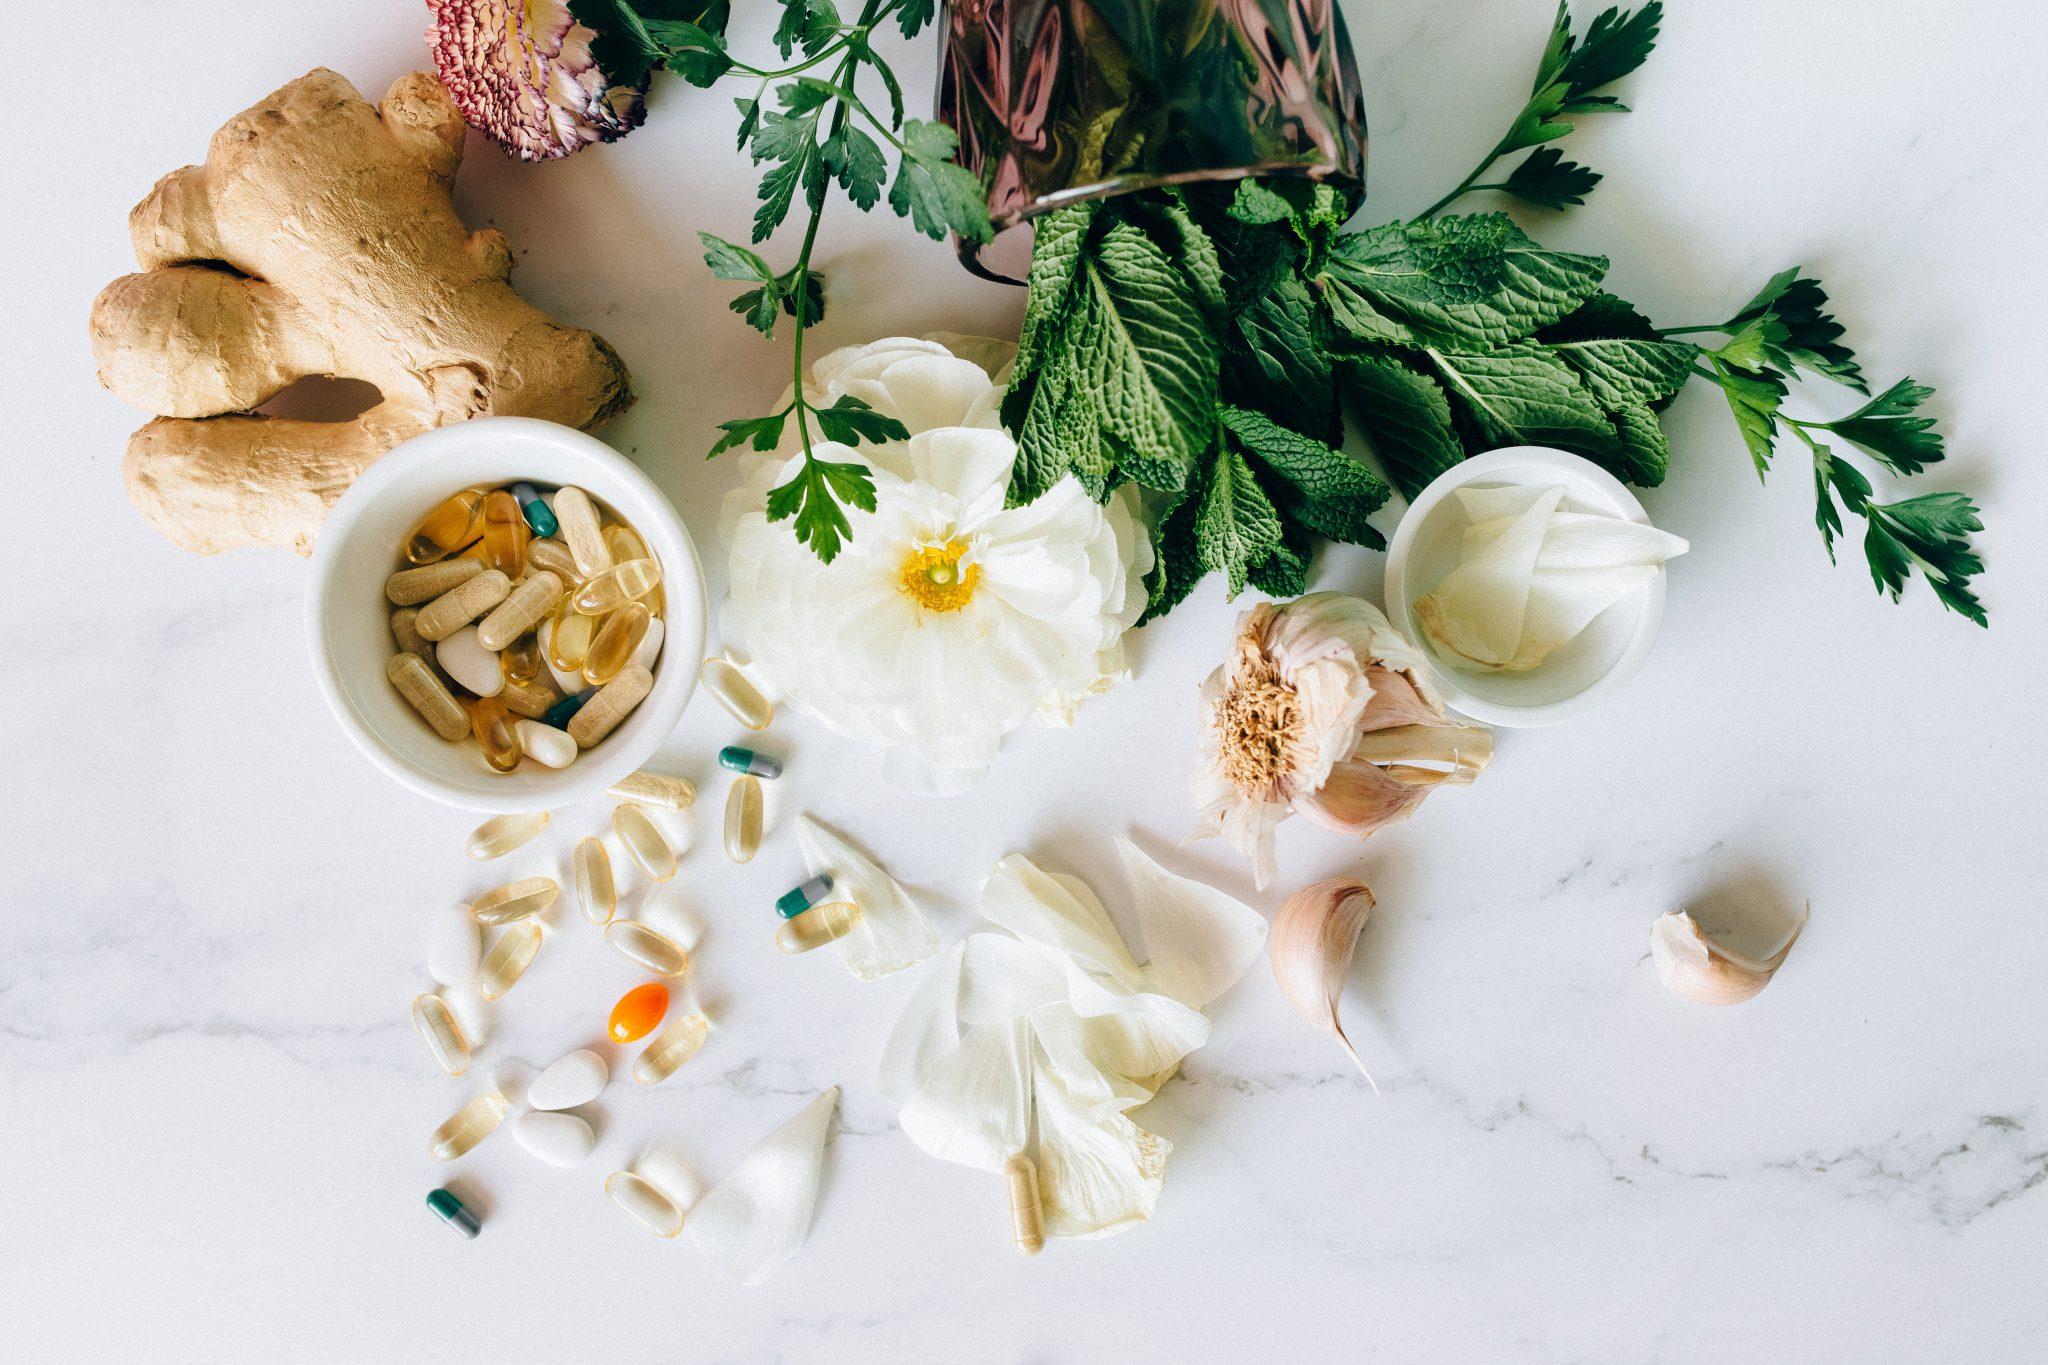 Prepoznavnost blagovnih znamk prehranskih dopolnil med lekarnarji